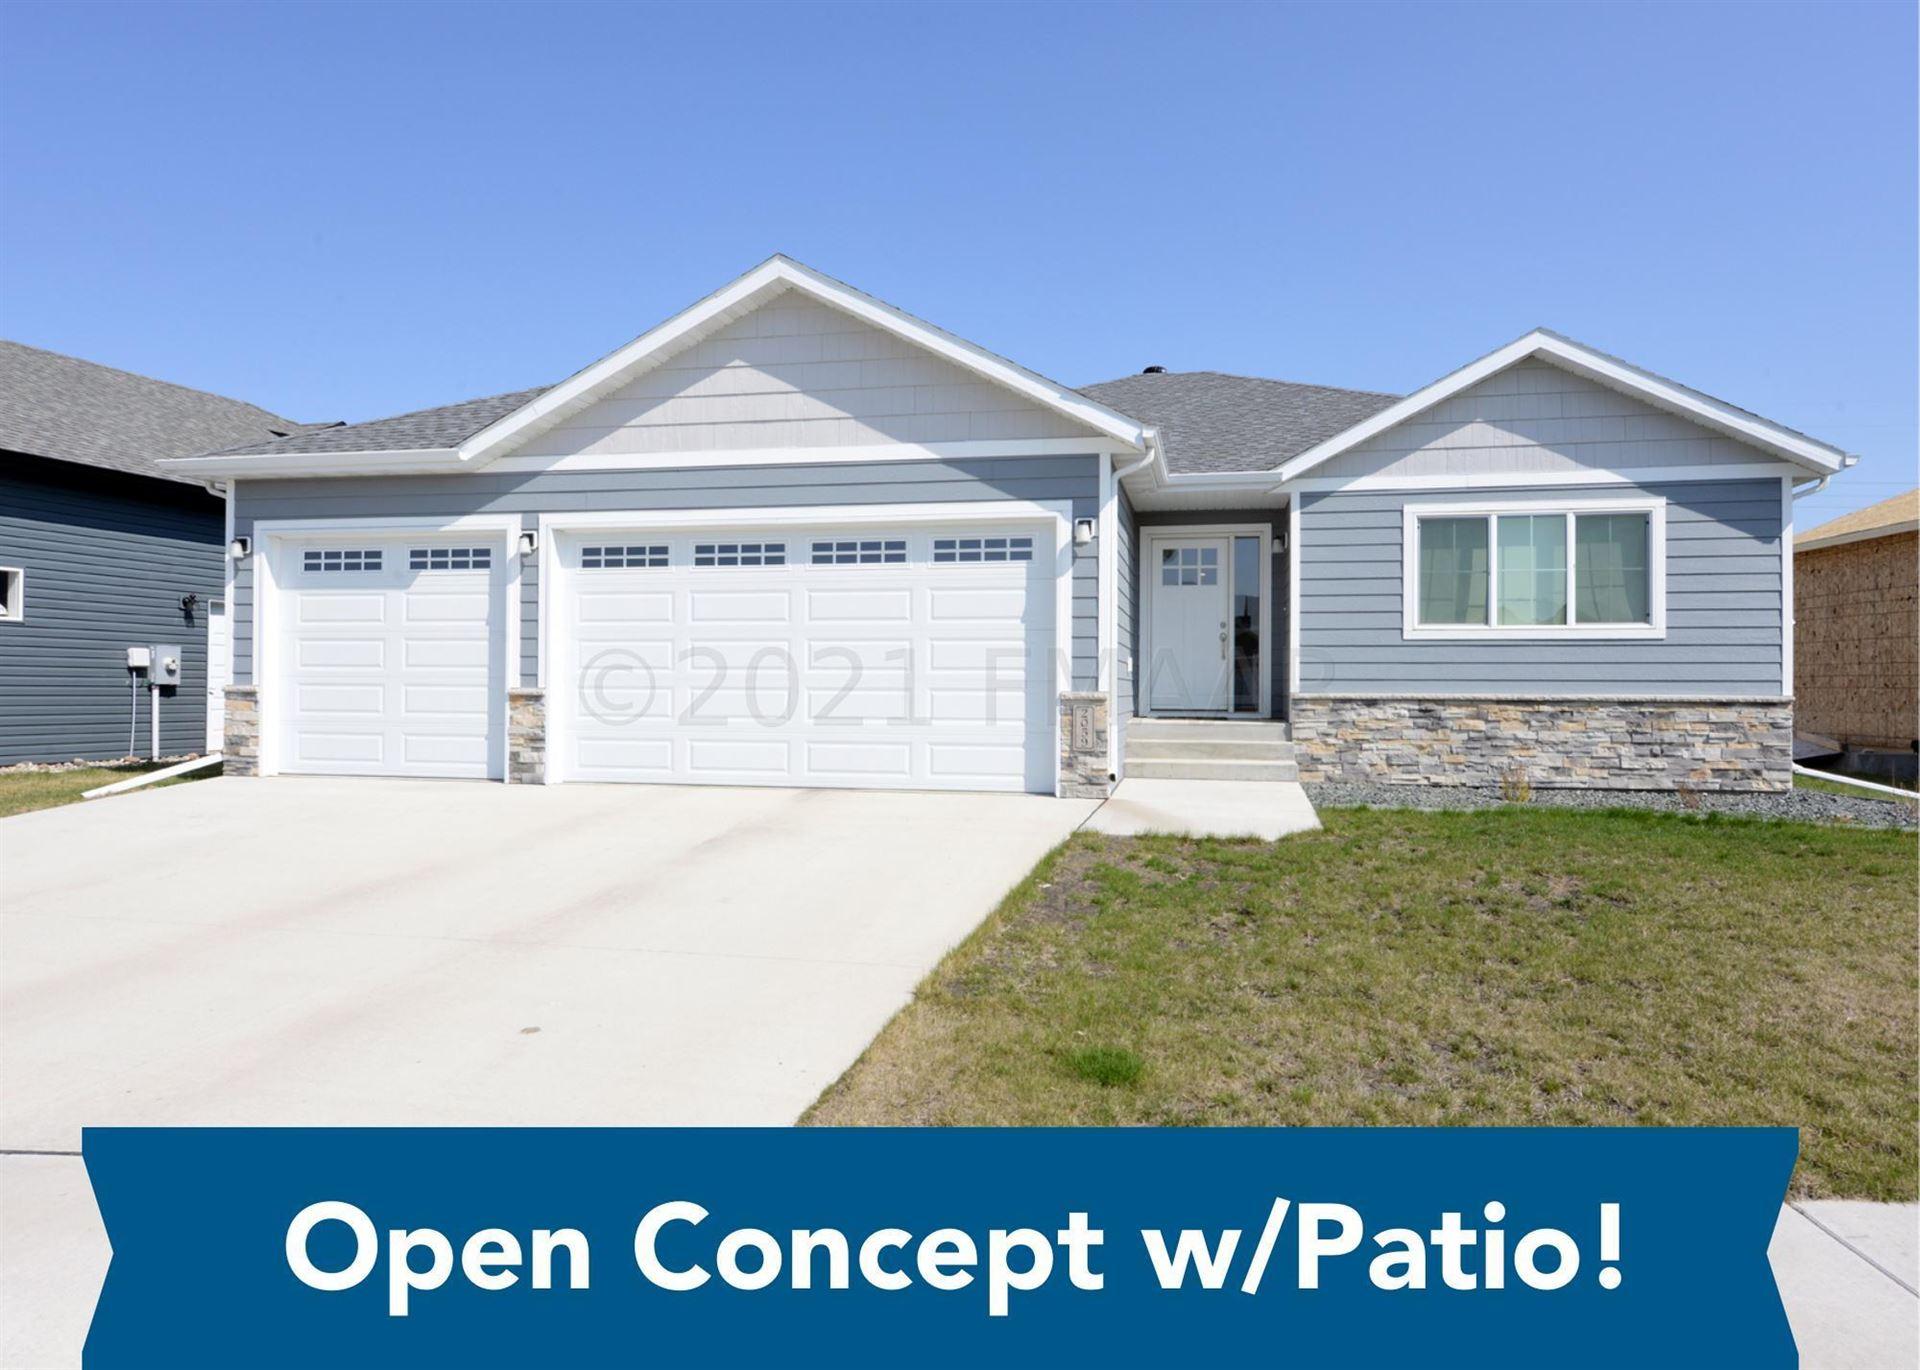 2059 65 Avenue S, Fargo, ND 58104 - #: 21-2183